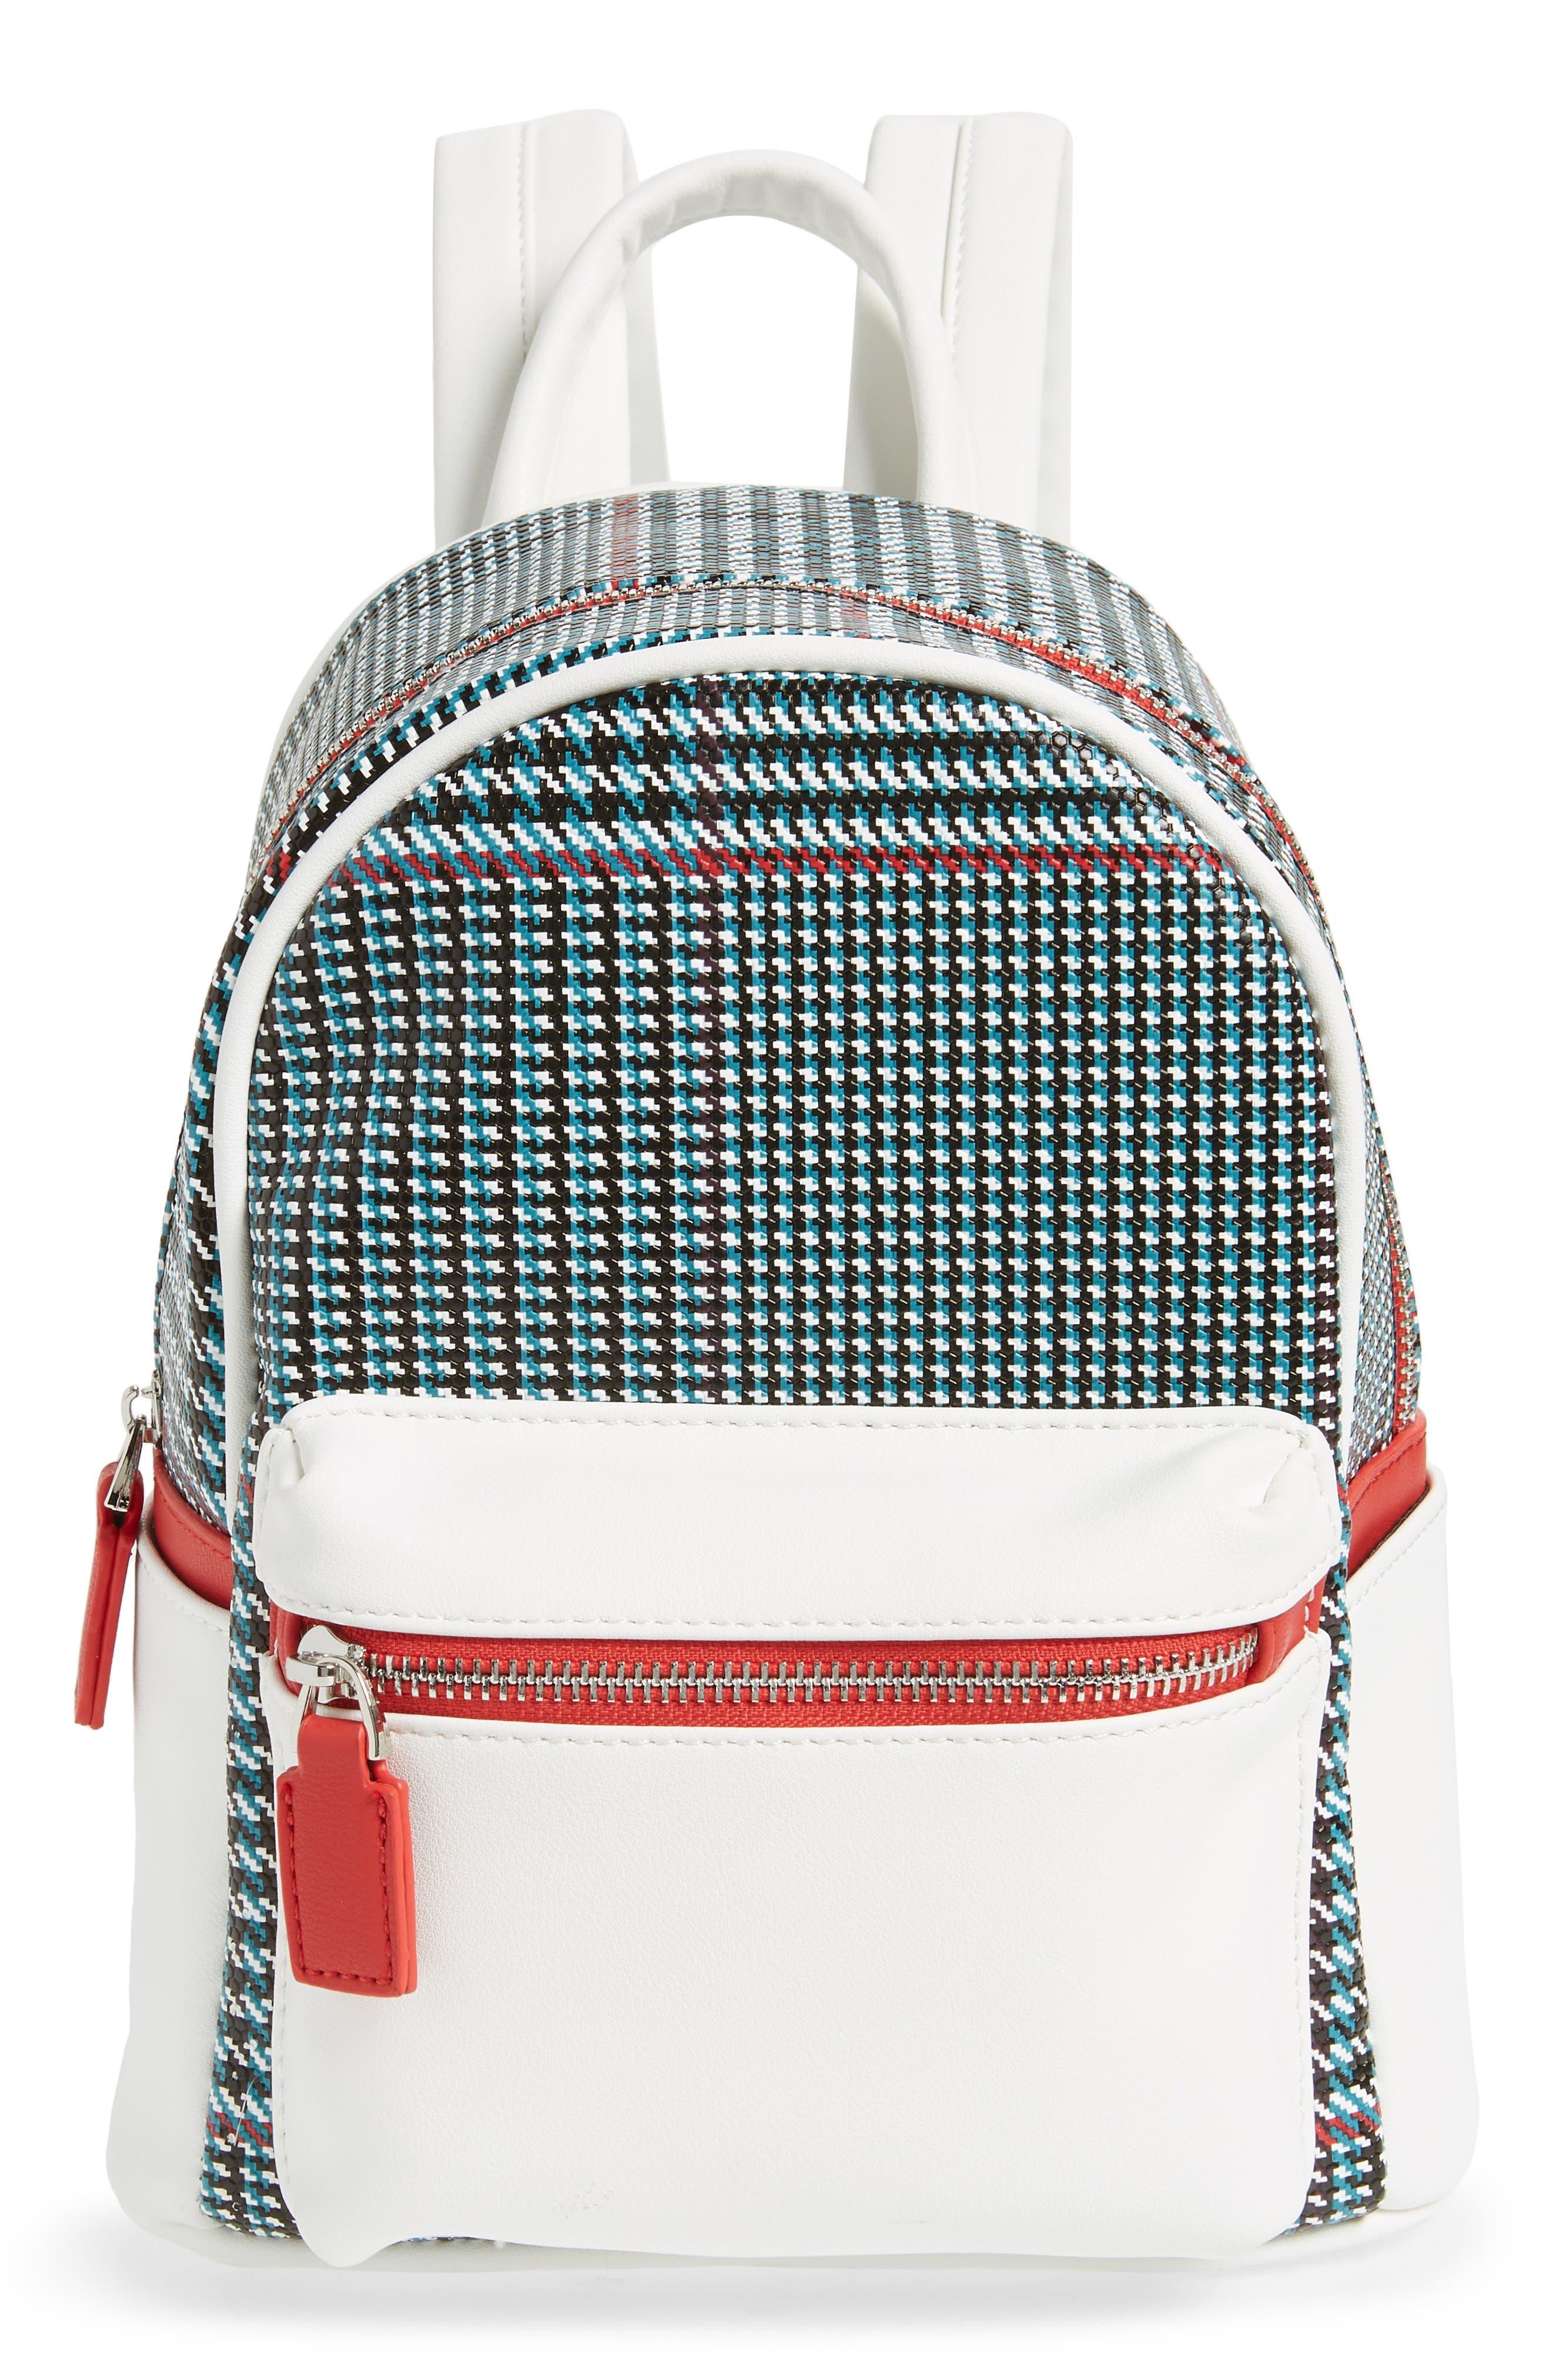 Woven Mini Backpack,                             Main thumbnail 1, color,                             BLUE MULTI